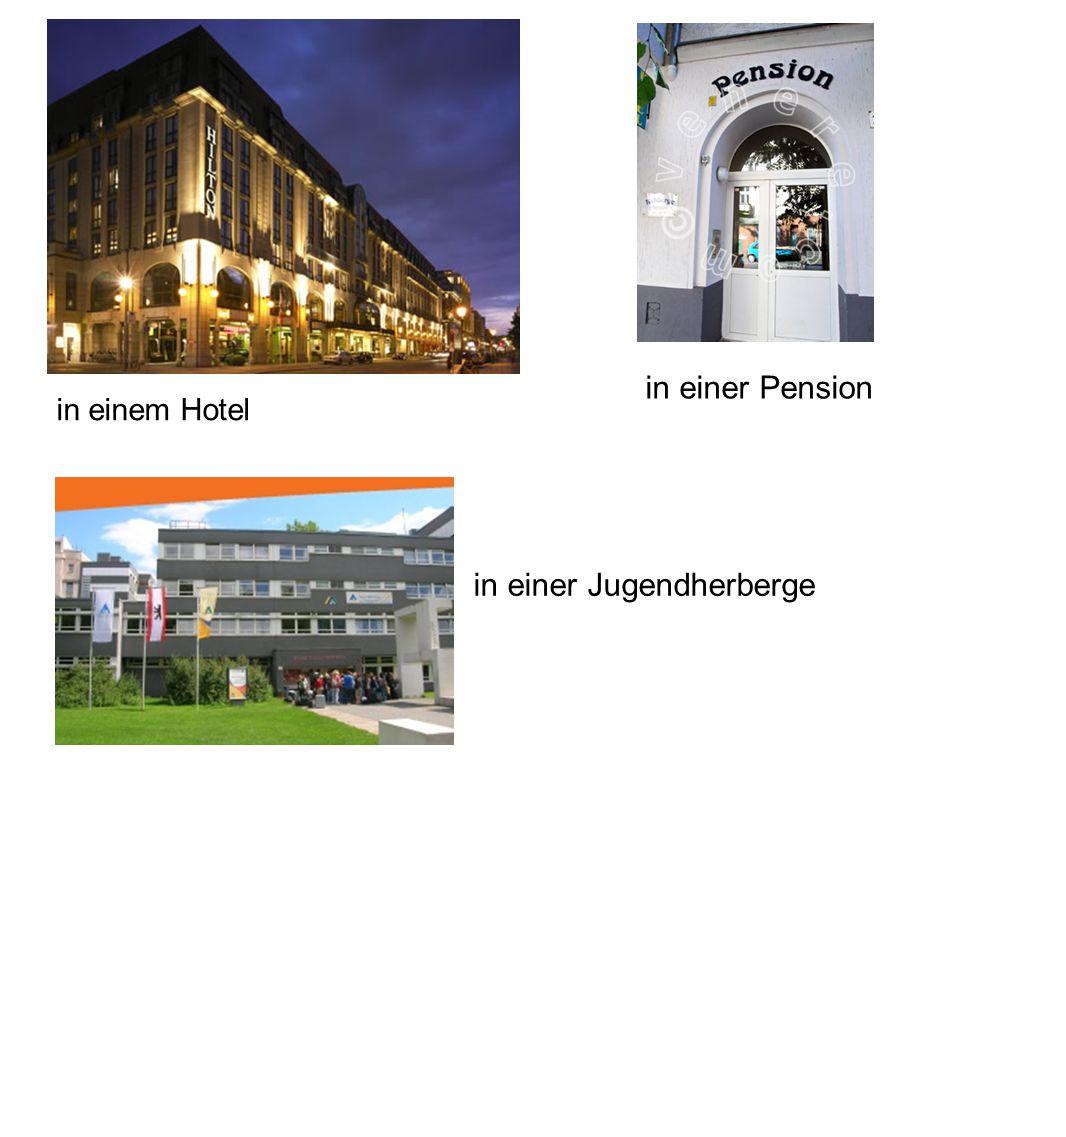 in einem Hotel in einer Pension in einer Jugendherberge